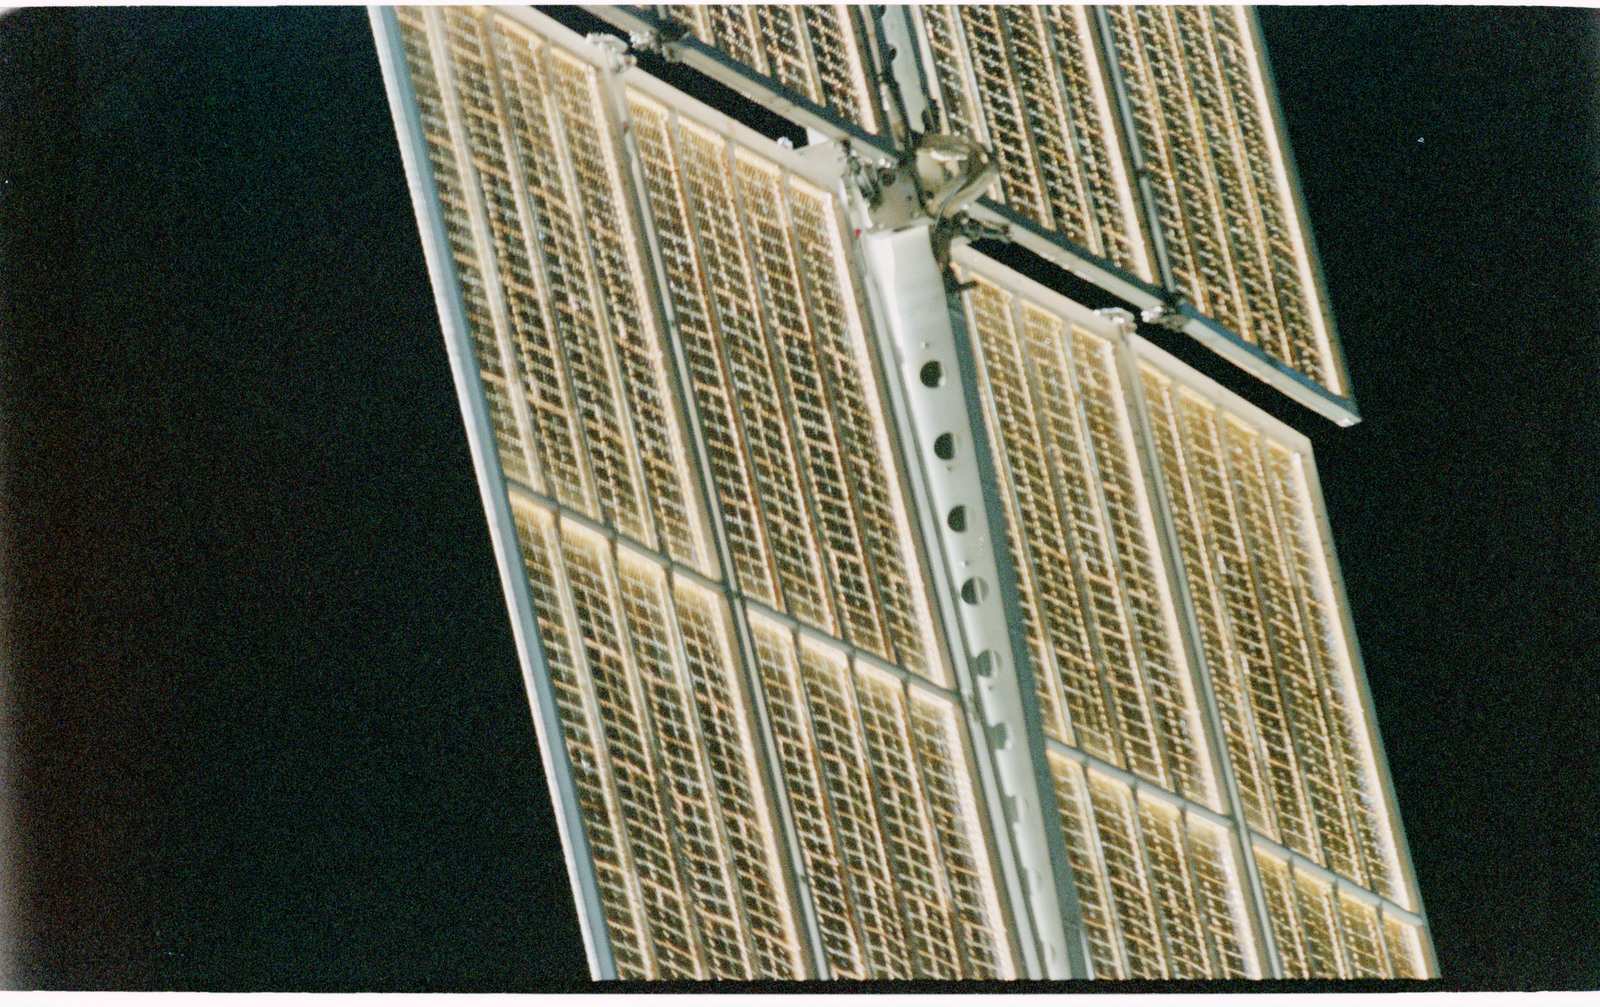 STS101-402-017 - STS-101 - View of FGB/Zarya solar arrays